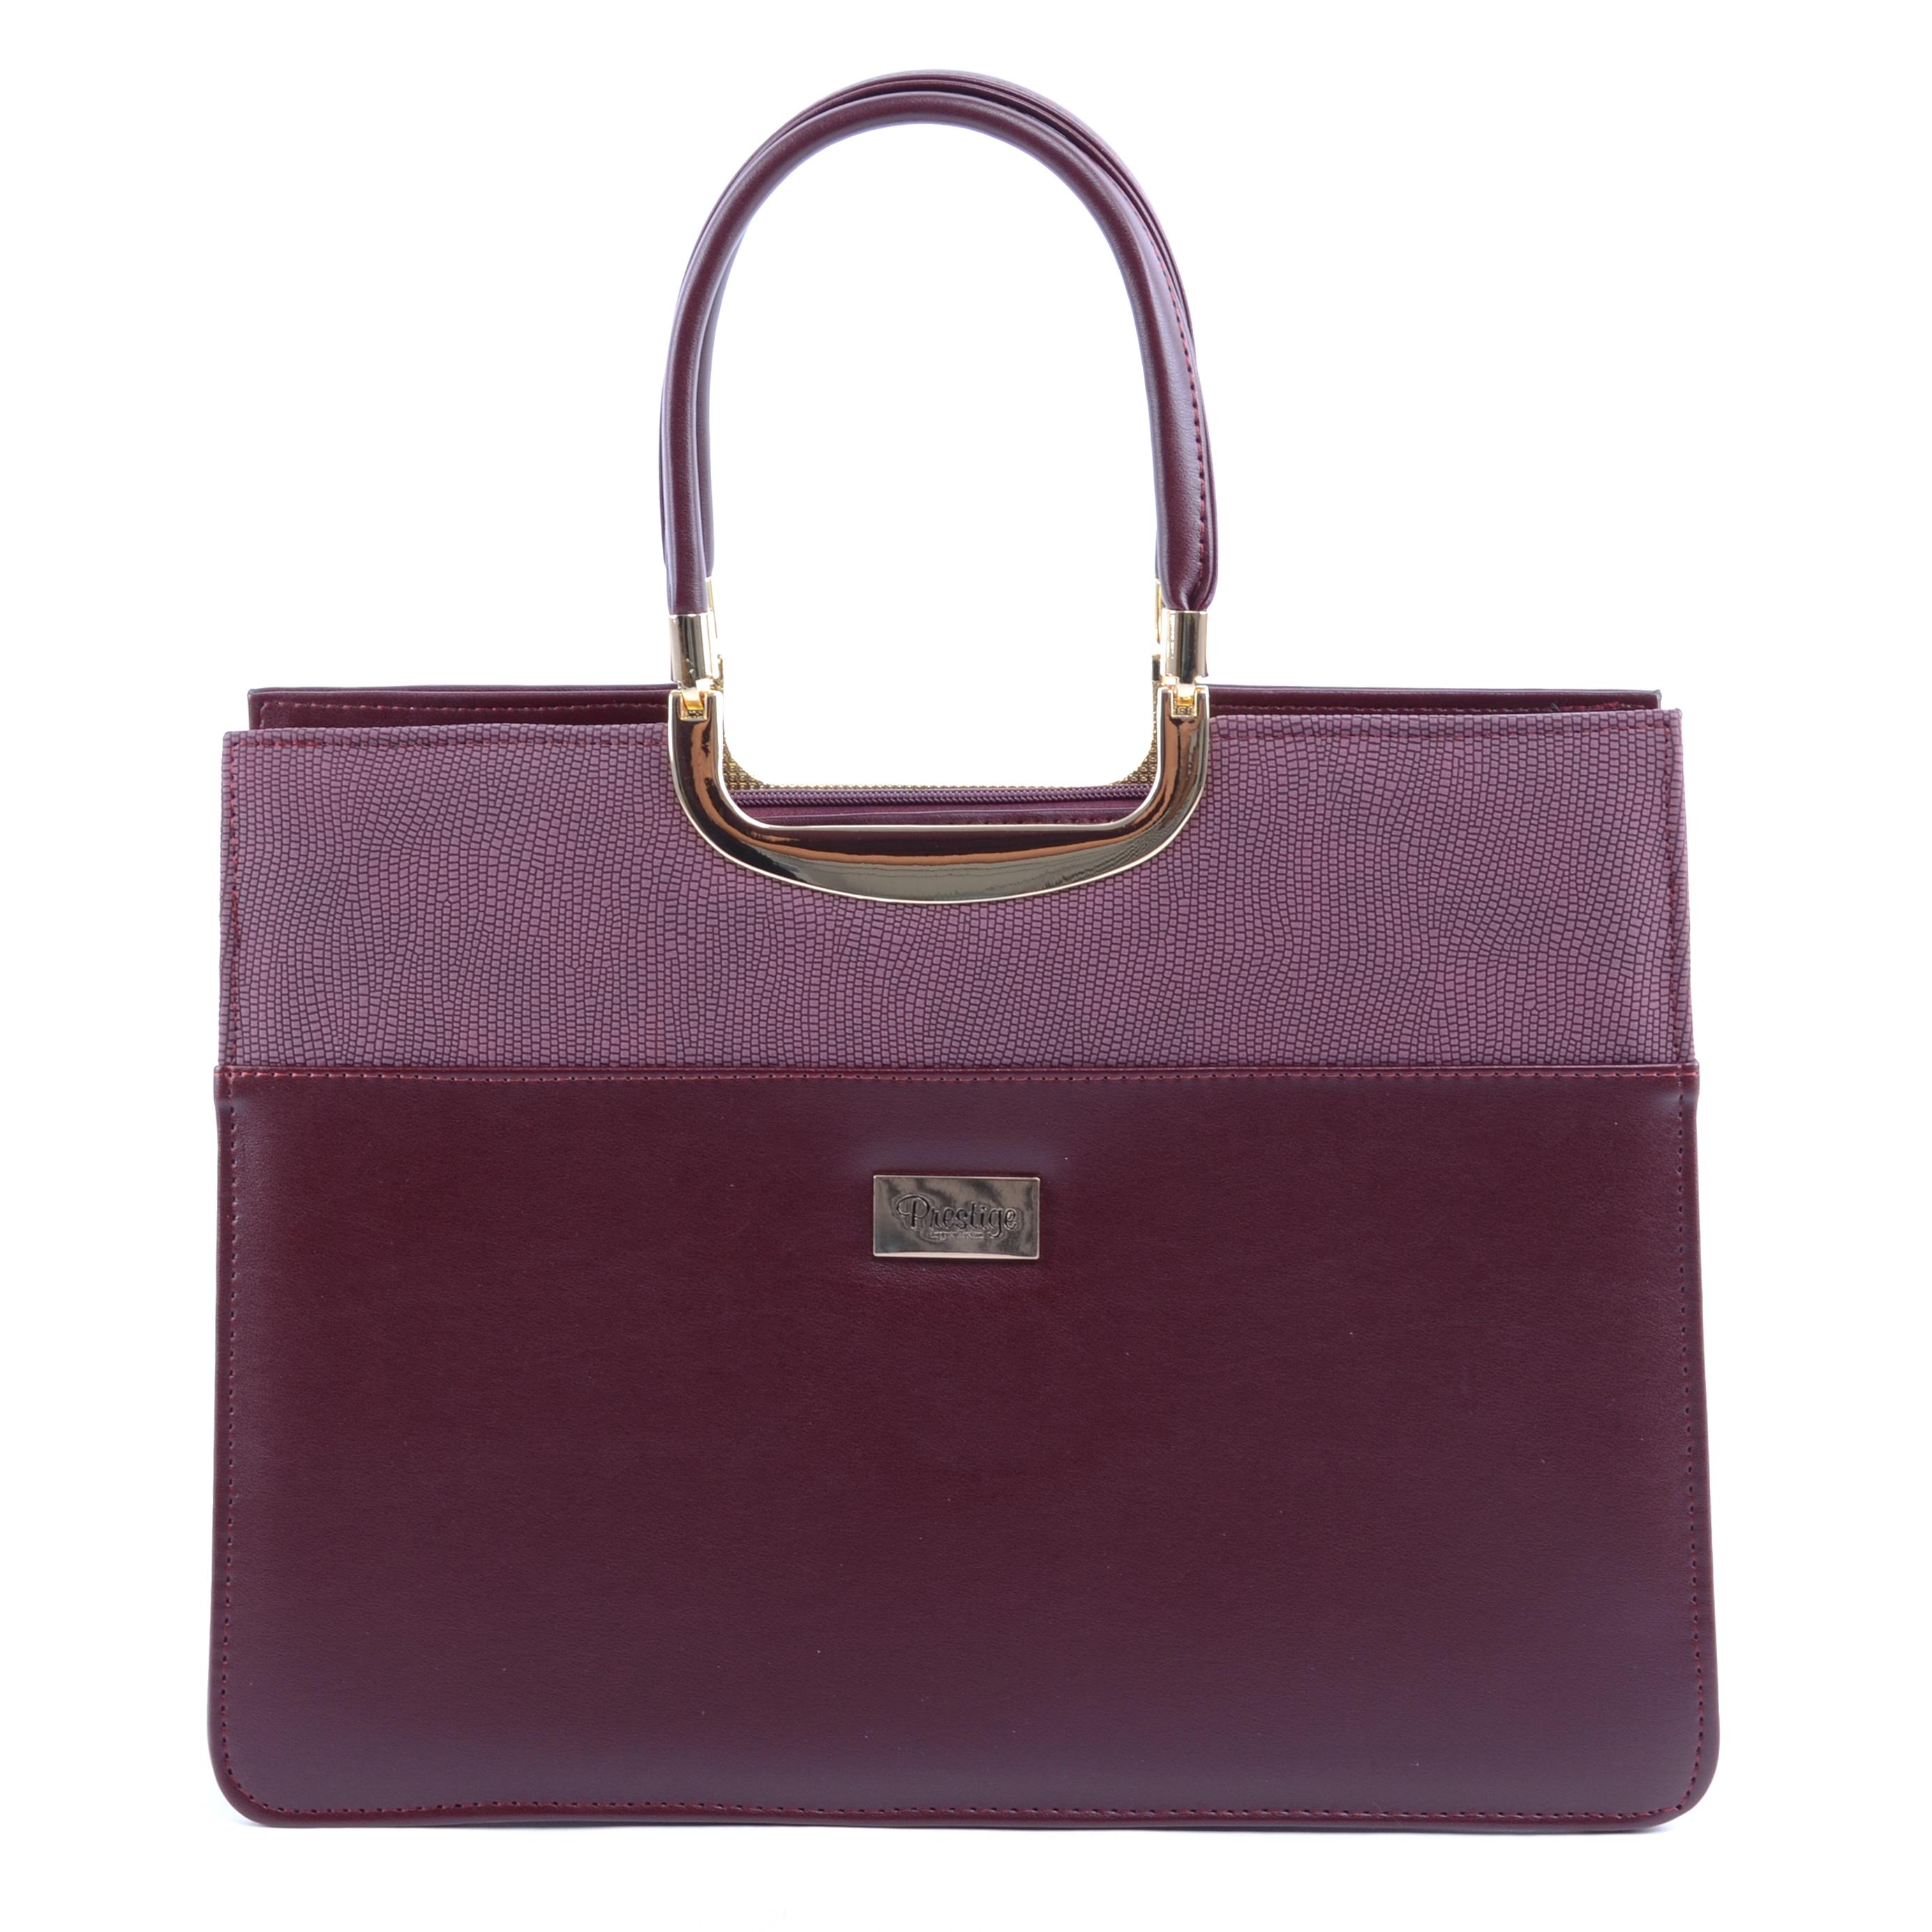 Prestige Női Műbőr Kézitáska Bordó - Kézitáskák - Táska webáruház - Minőségi  táskák mindenkinek 348dc2f9ed